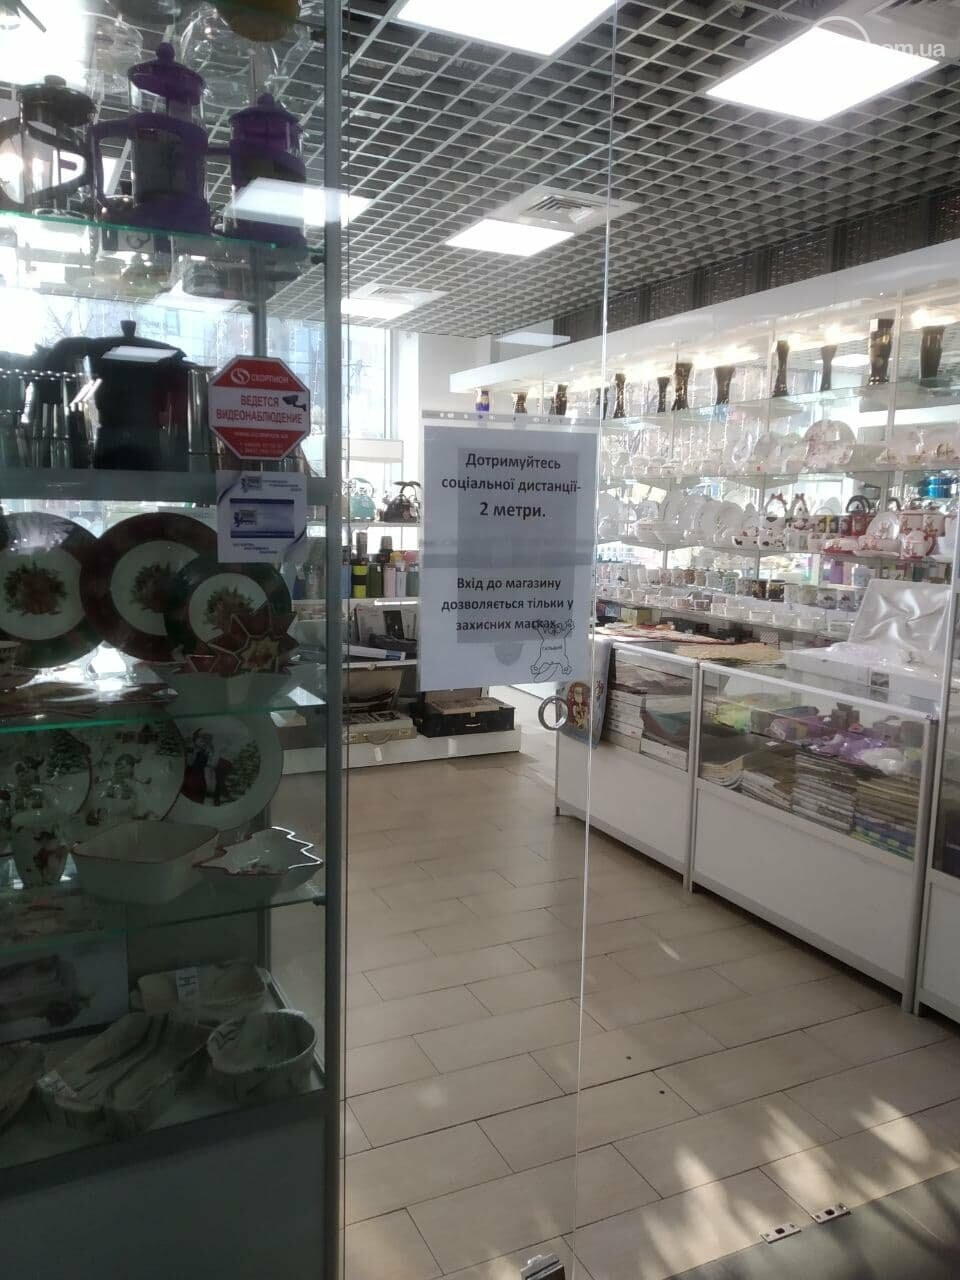 Скупиться и не заразиться. Рейтинг безопасности мариупольских супермаркетов, - ФОТО, фото-38